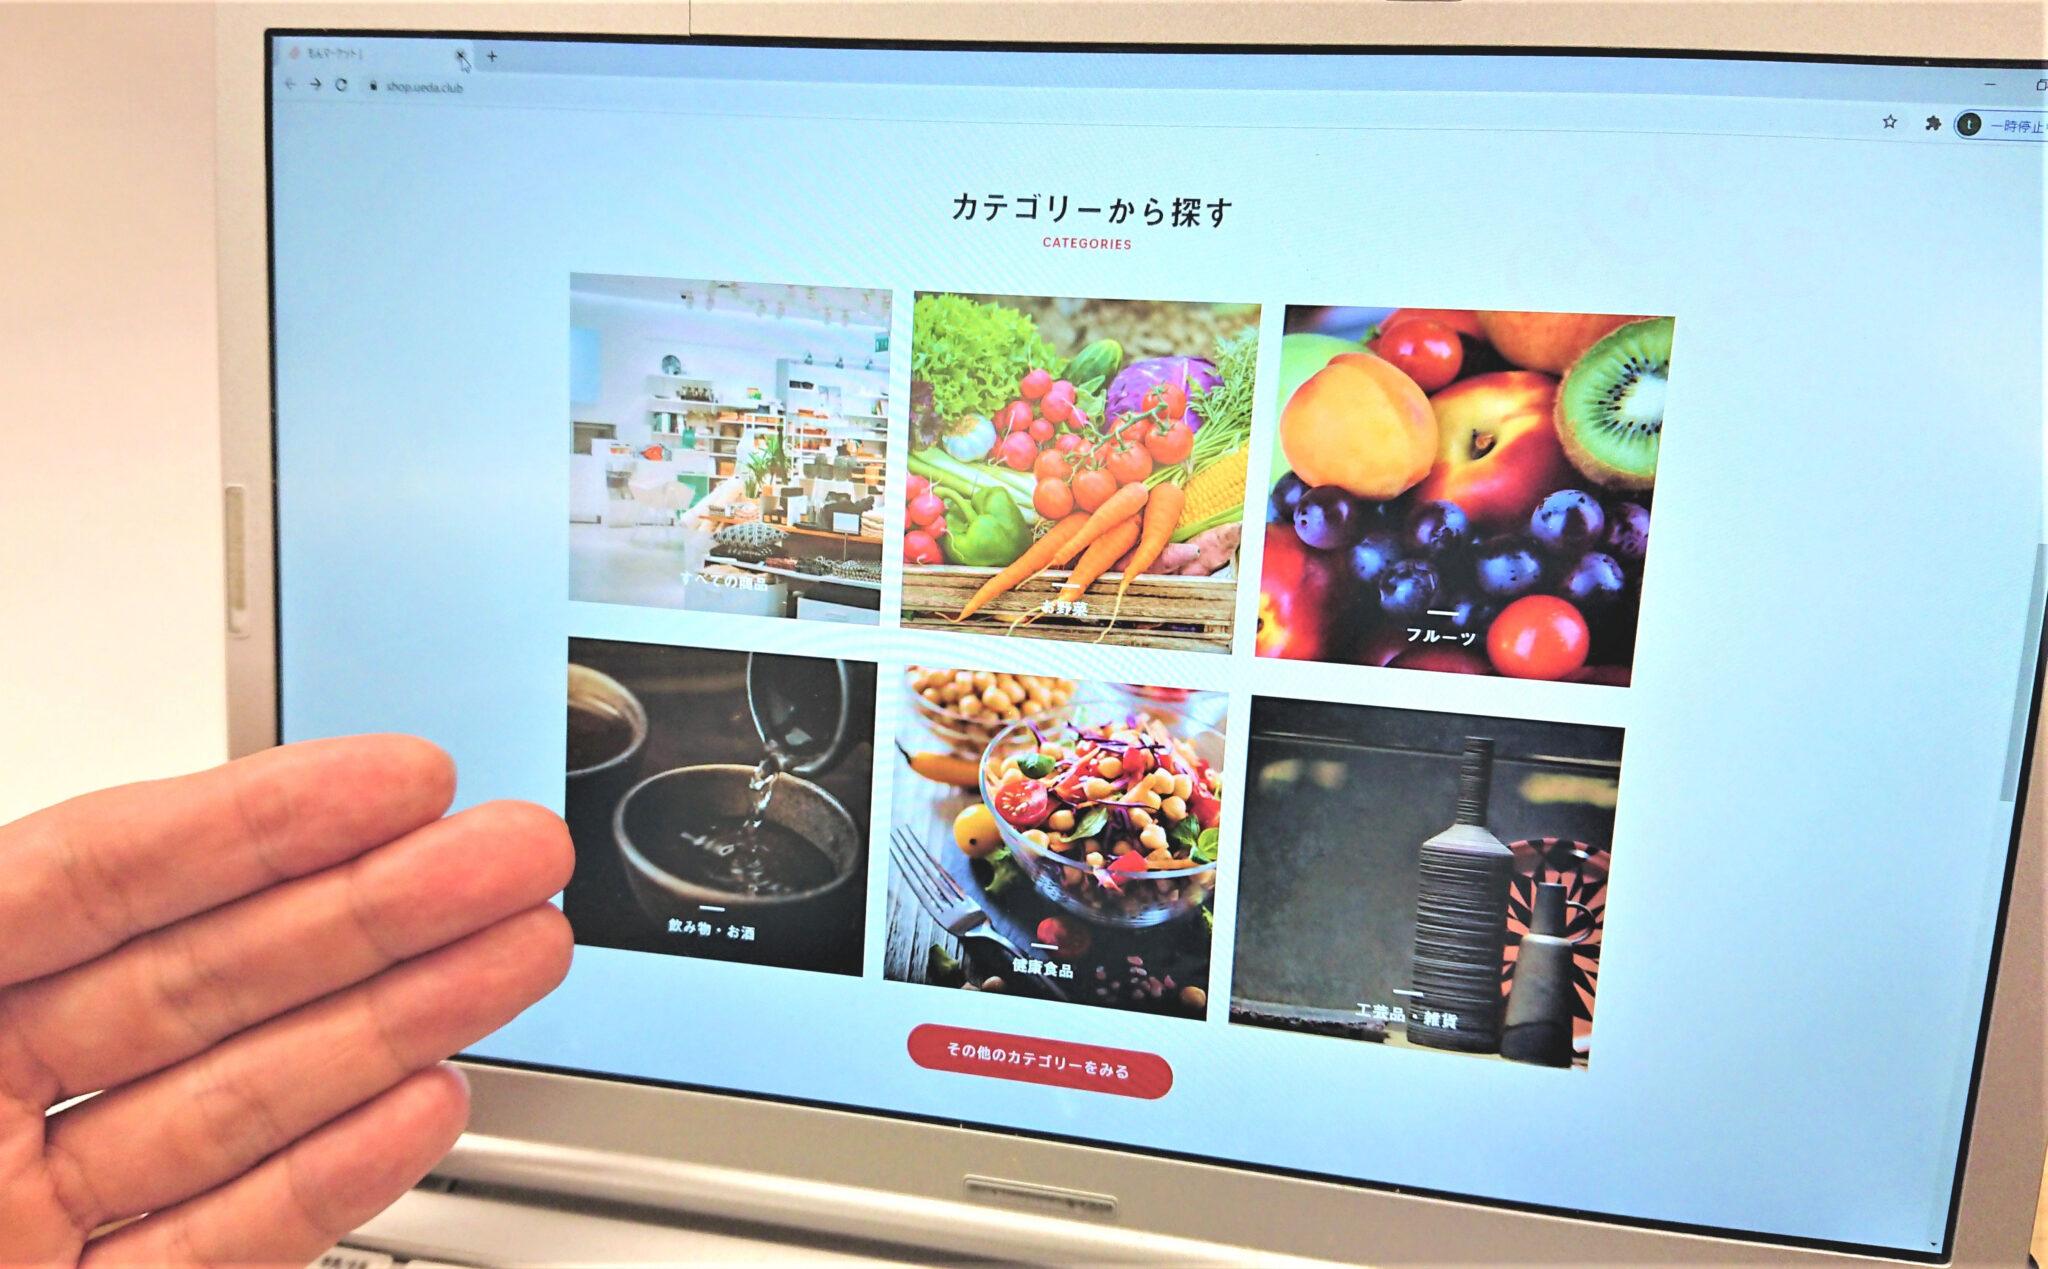 地域の農家・事業者を支援 通販サイト「もんマーケット上田」